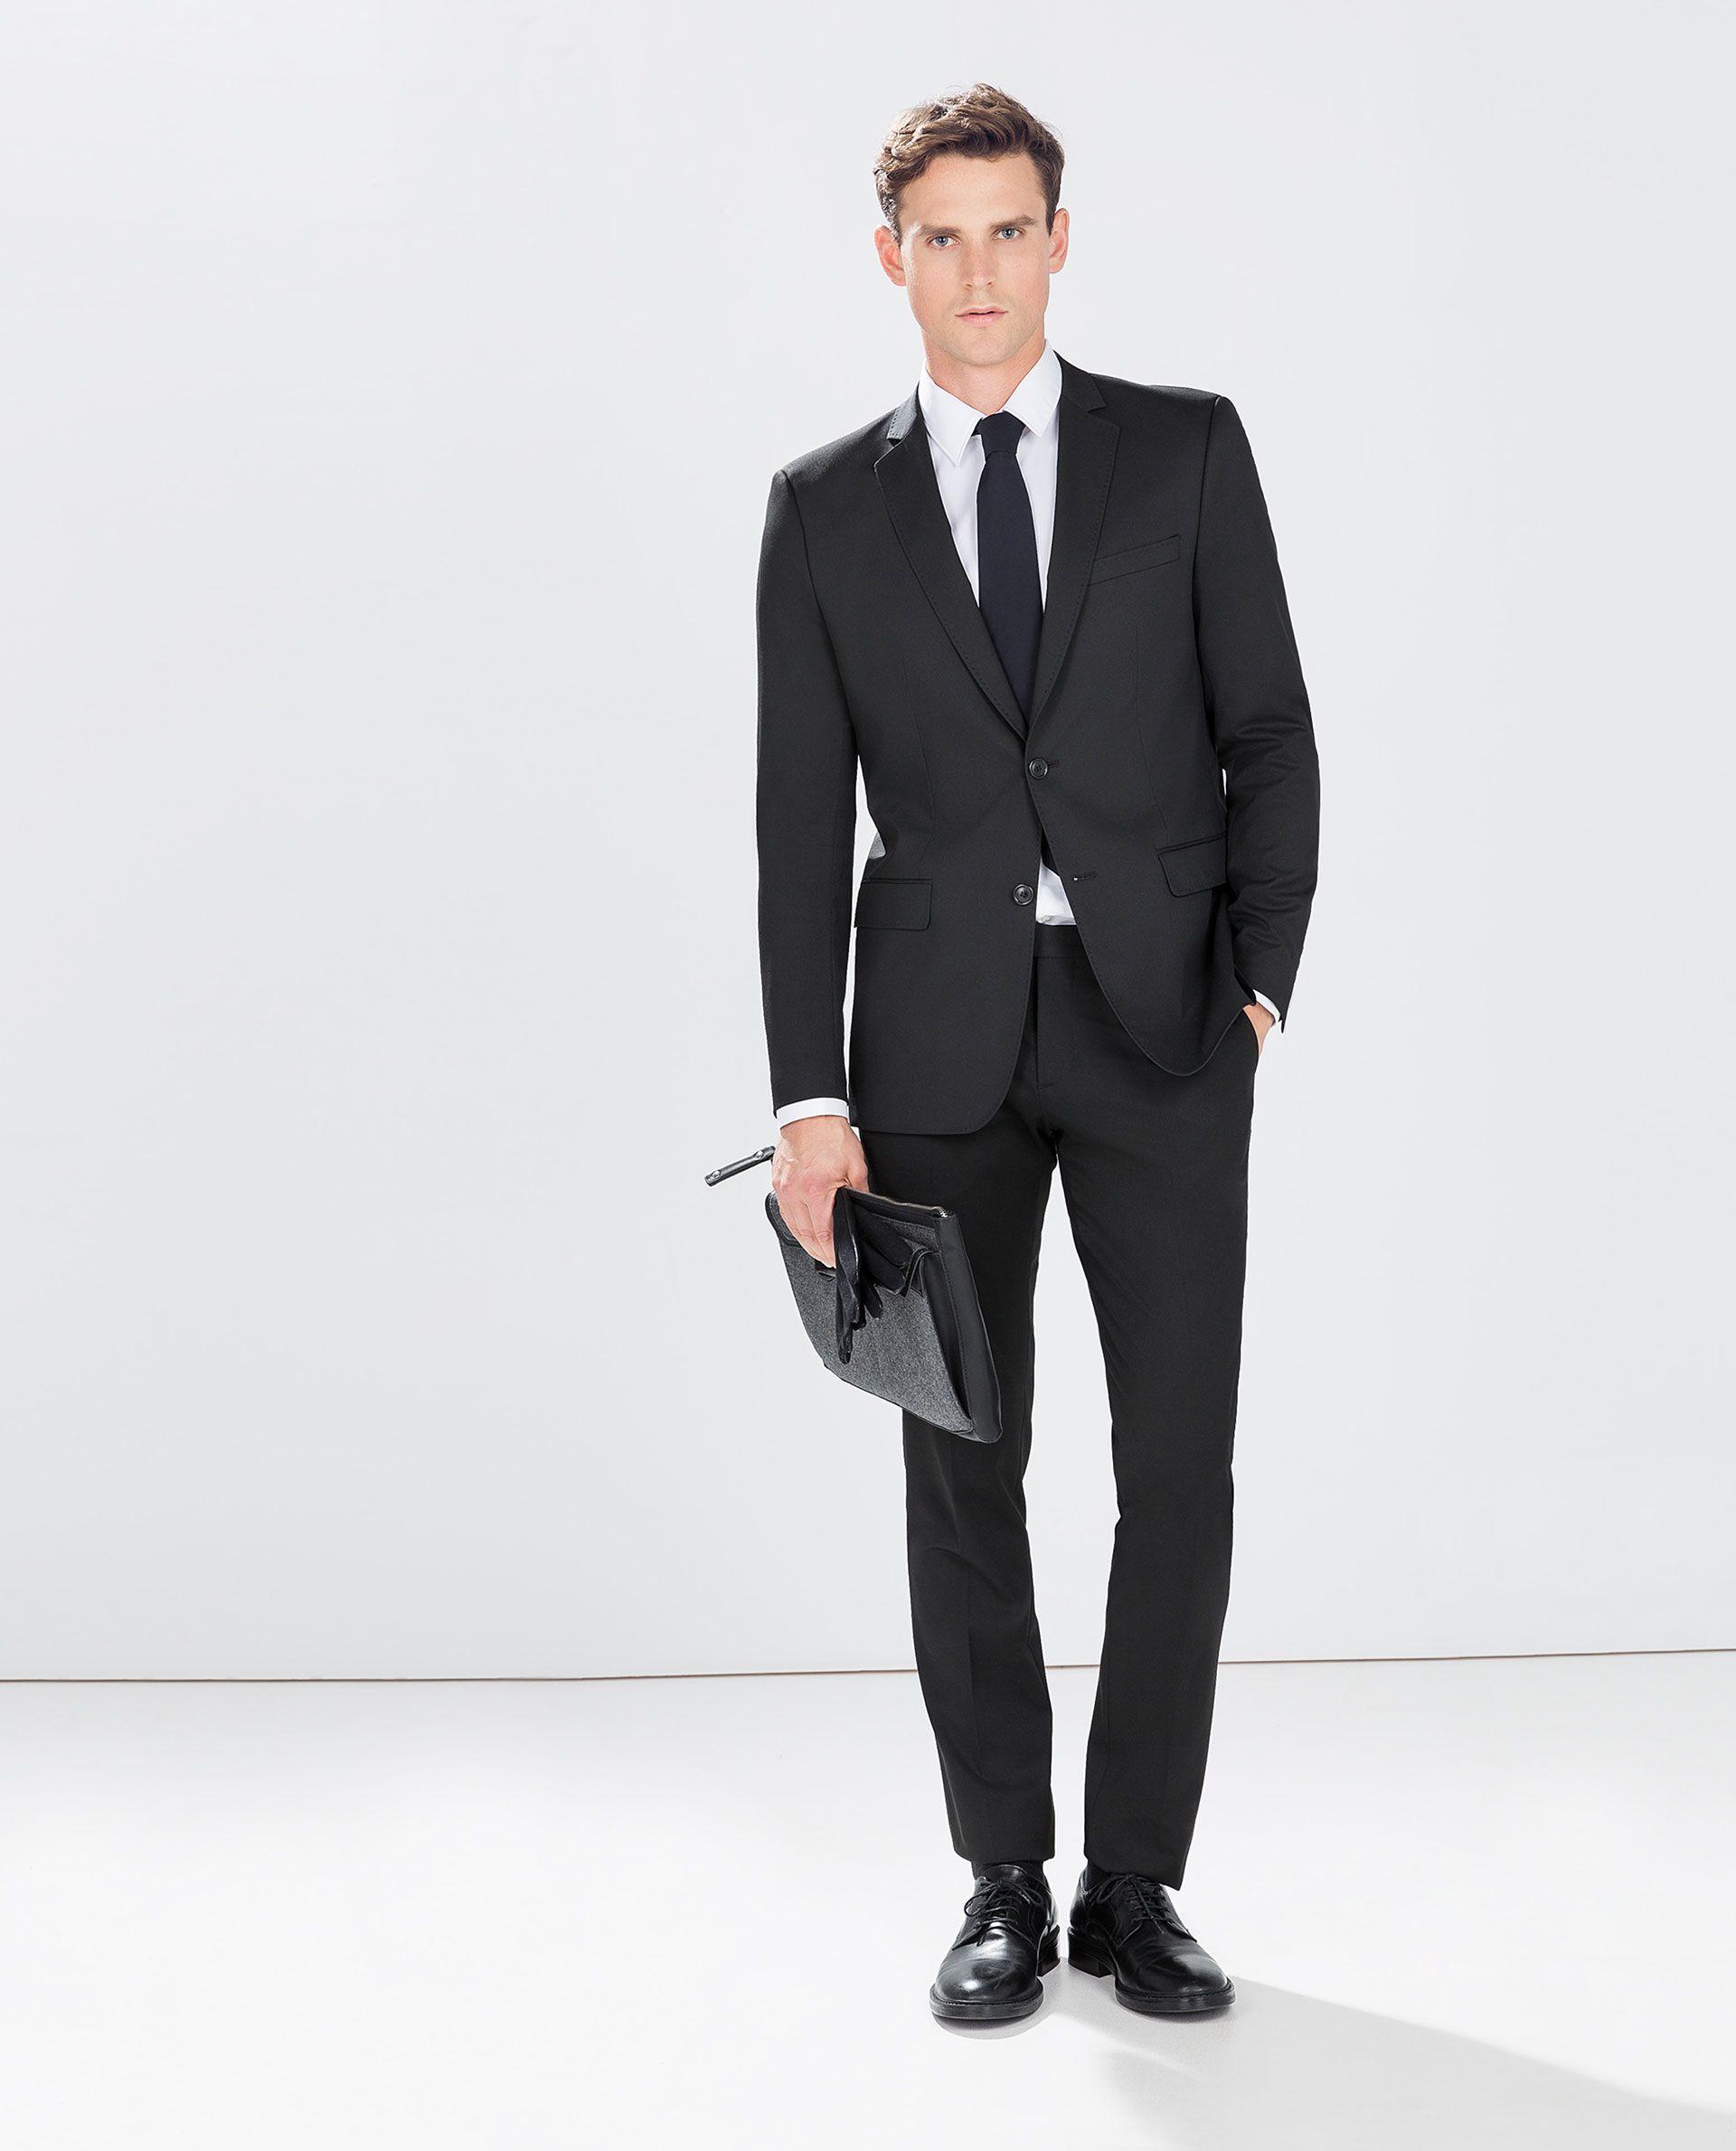 Trajes formales para hombre zara